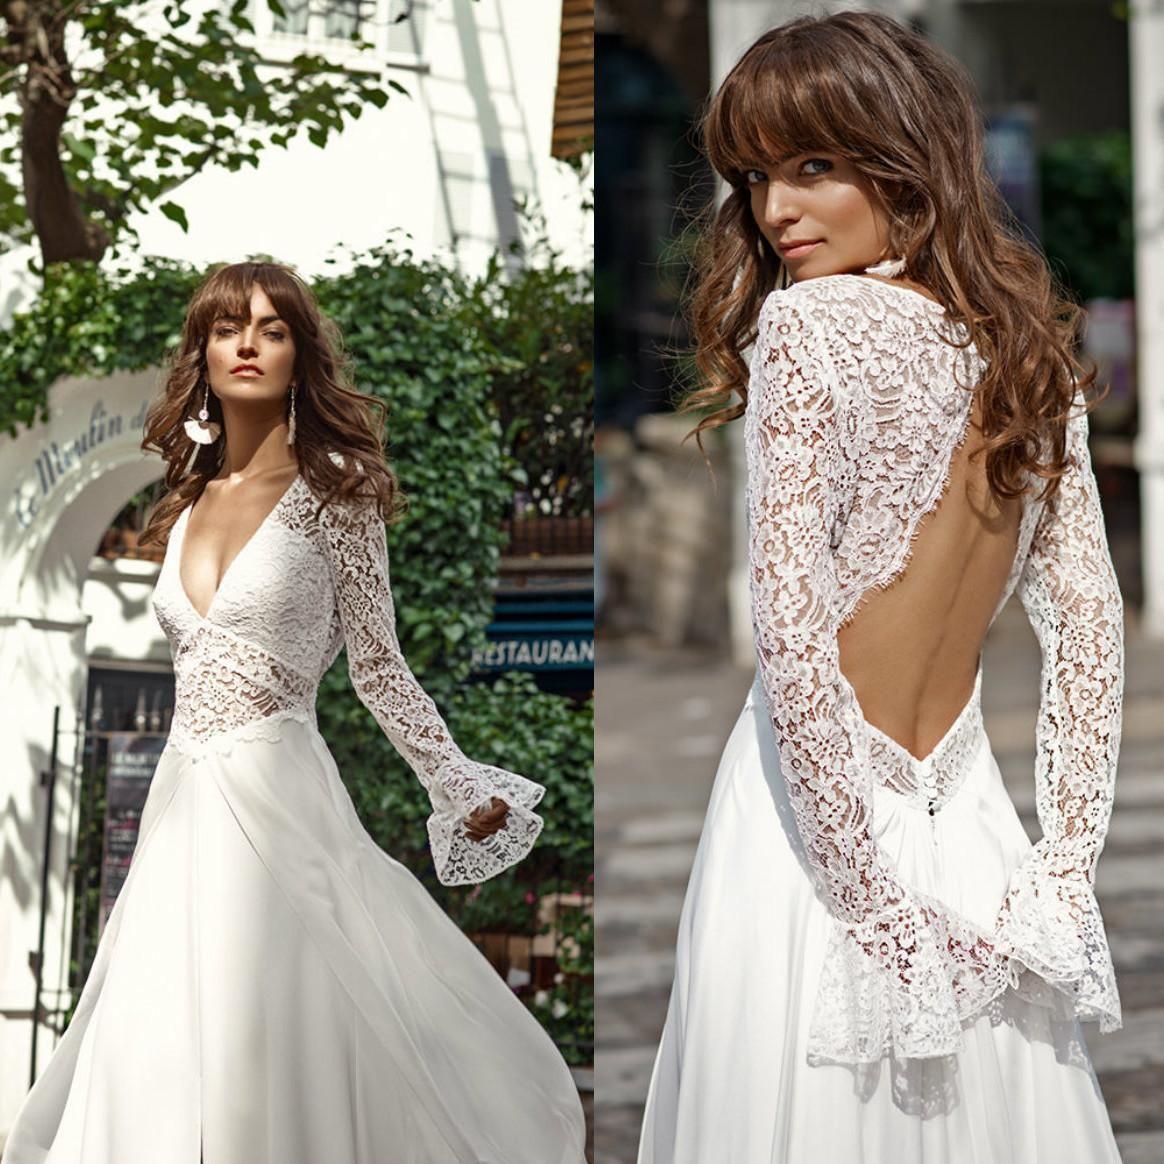 2021 Mode Satin A-line Brautkleider V-Ausschnitt Lange Ärmel Spitze Appliques Brautkleider Backless Sweep Zug Garten Hochzeitskleid